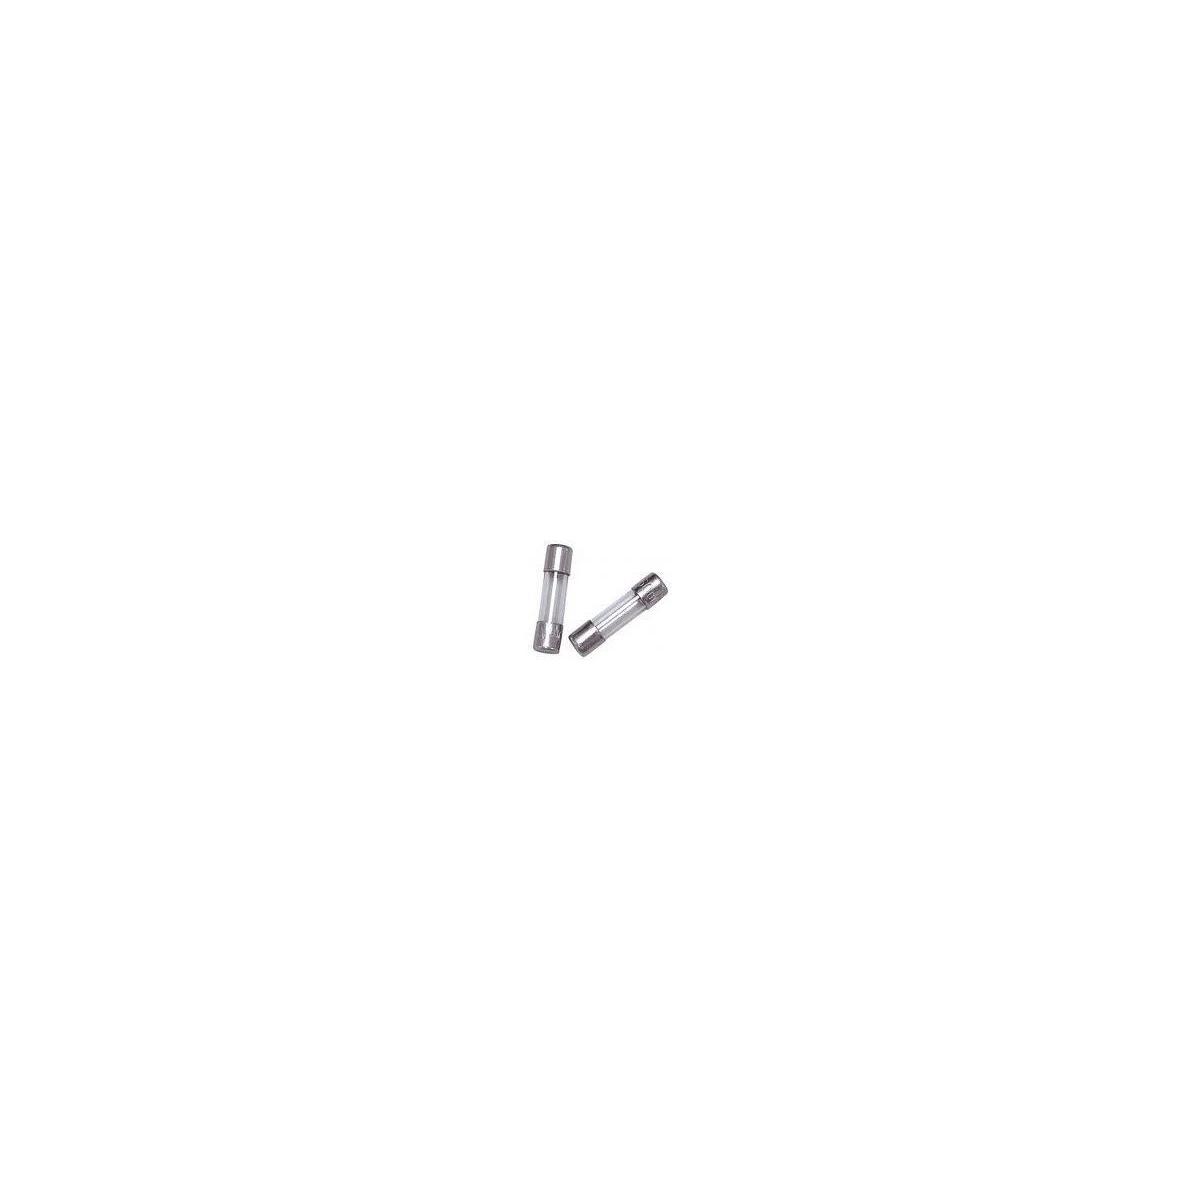 FUSIVEL - F RAPIDO 5X20MM (PACOTE COM 10 UNIDADES )-   1A